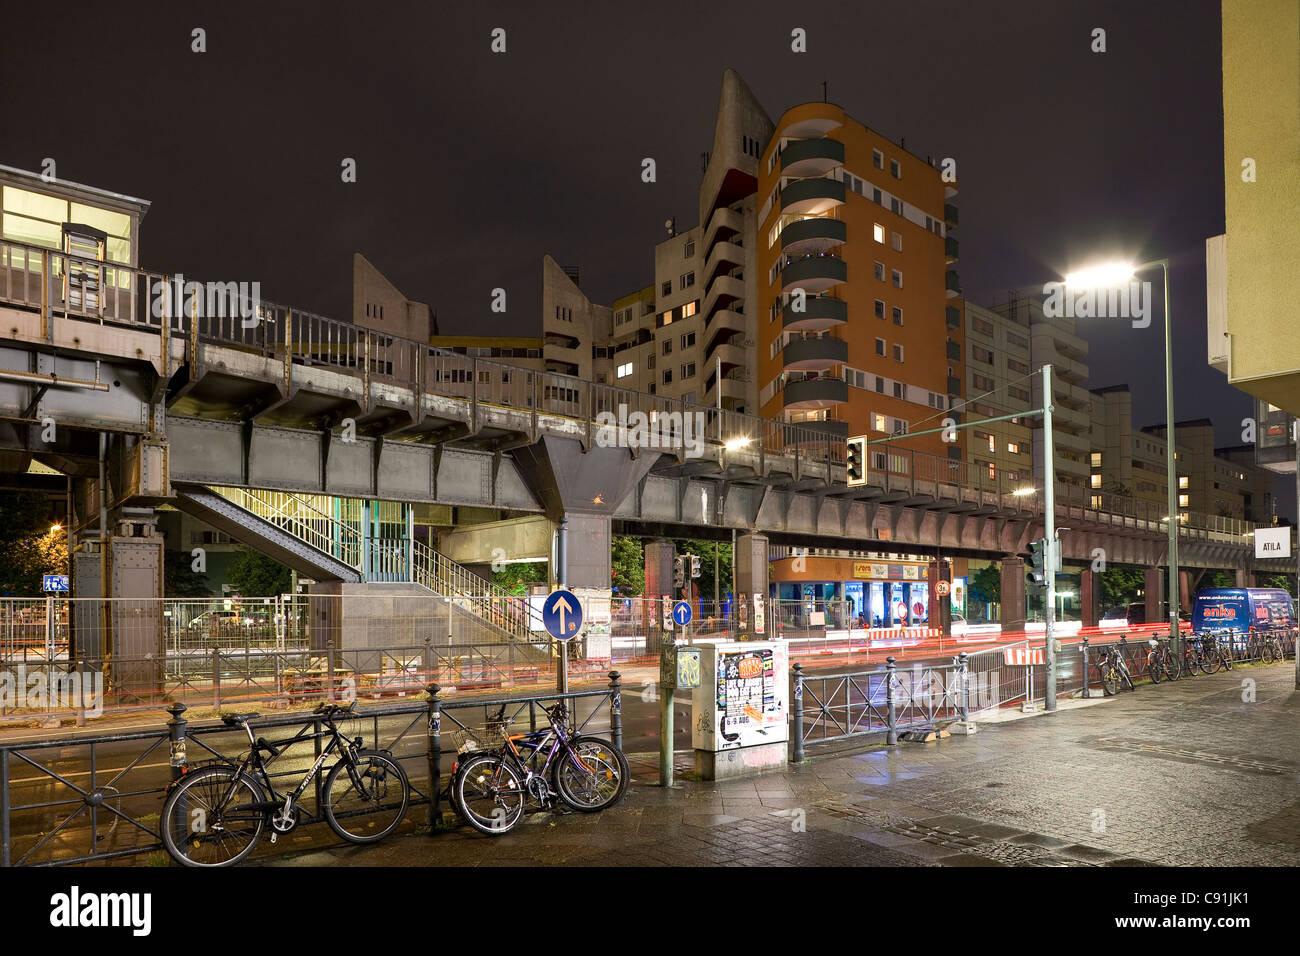 Subway station, Kottbusser Tor, Berlin-Kreuzberg, Berlin, Germany, Europe - Stock Image